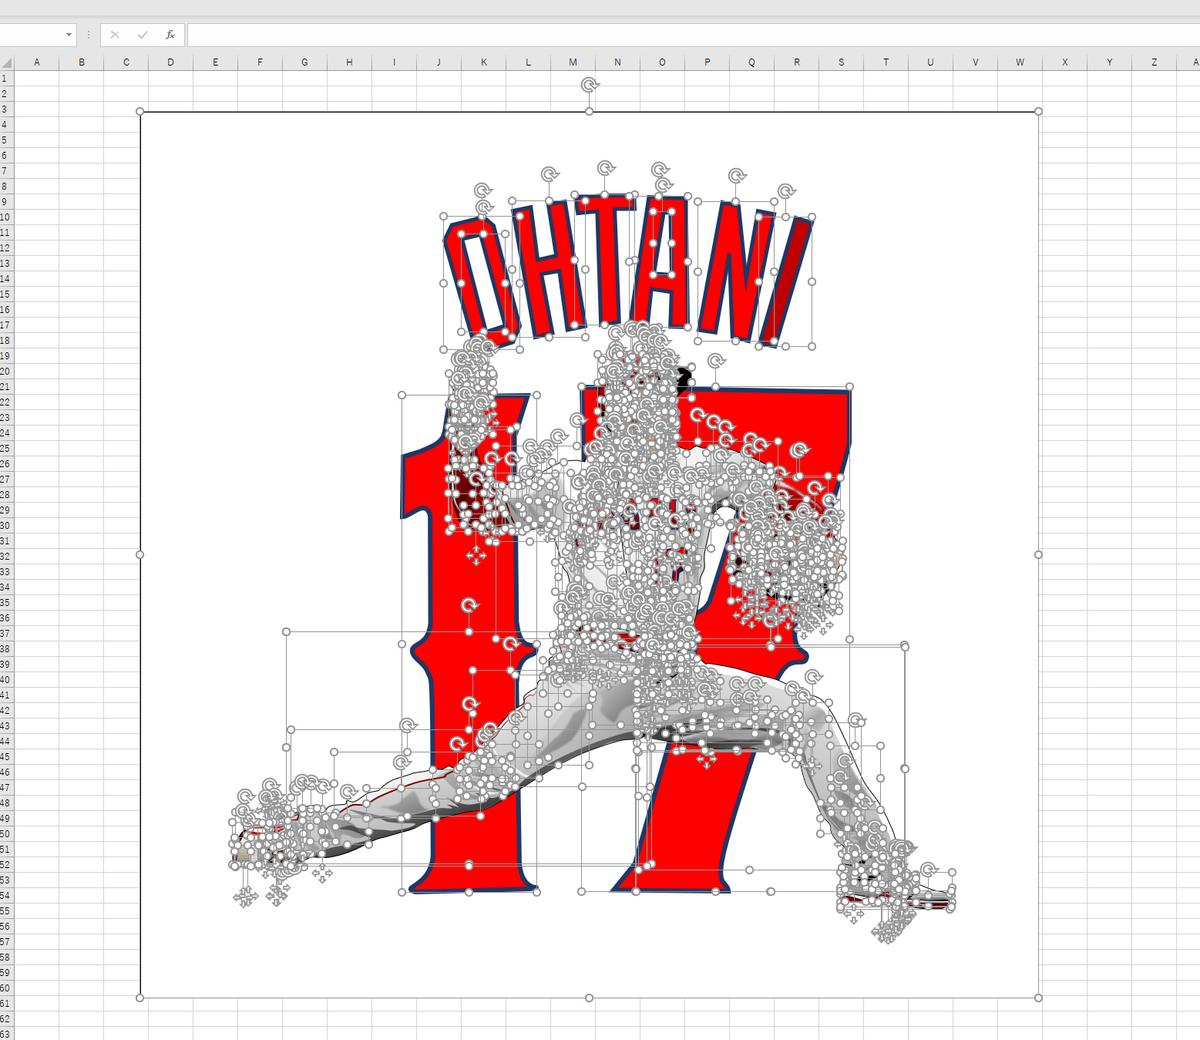 MLBロサンゼルス・エンゼルスの投手・大谷翔平のエクセル画イラストドット版